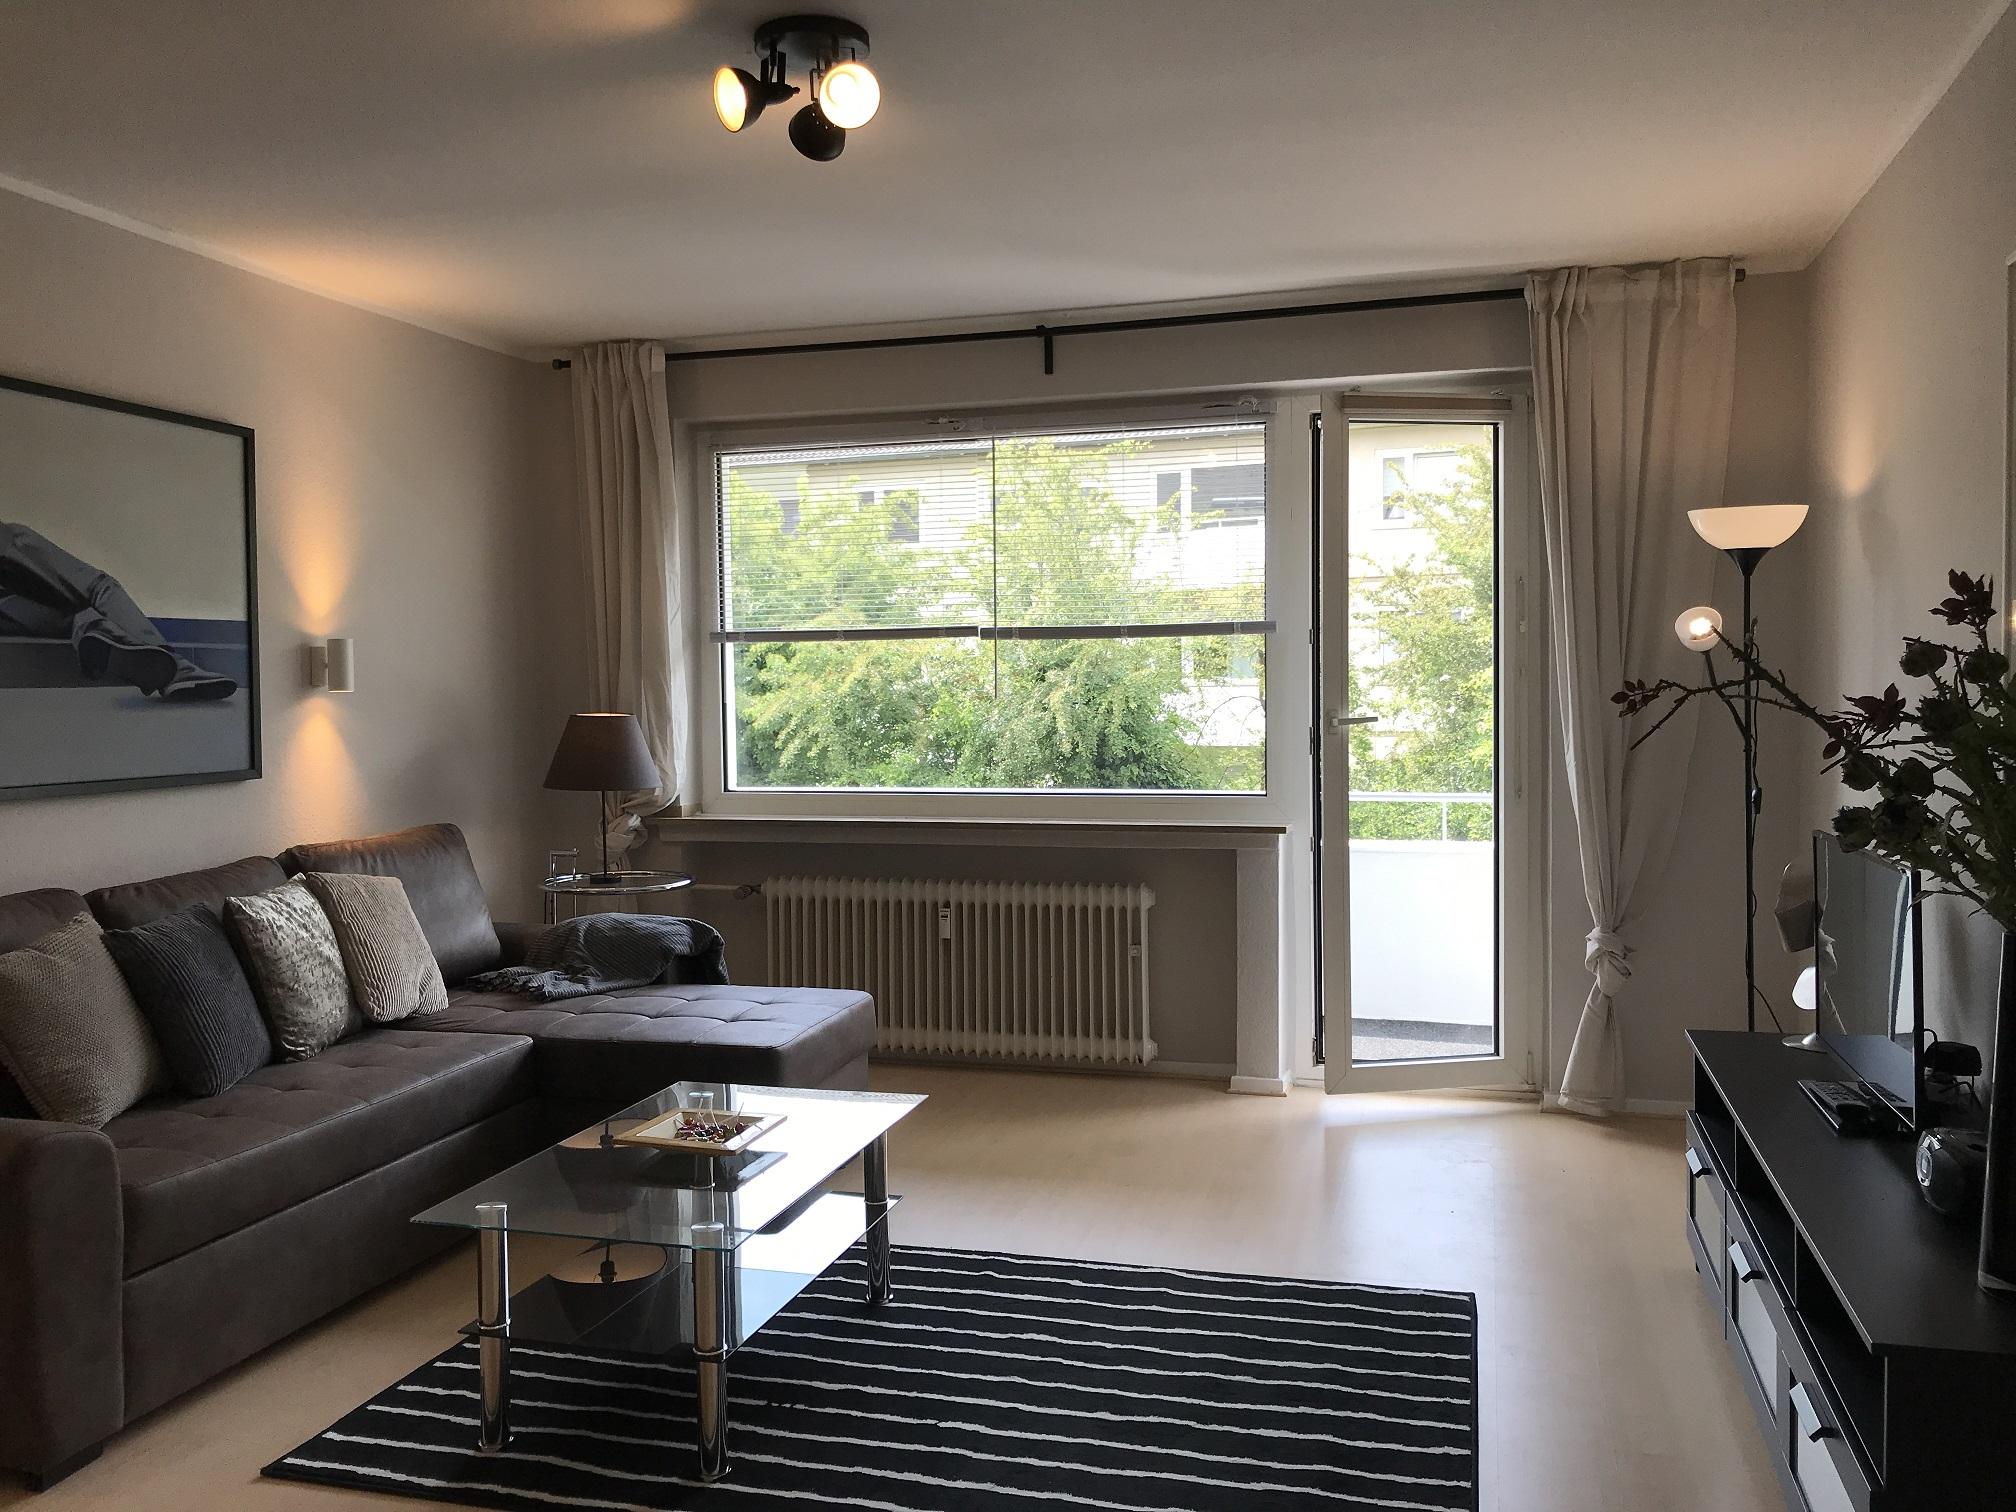 2-Zimmer-Wohnung auf Zeit für Expats zu mieten in 40468 ...